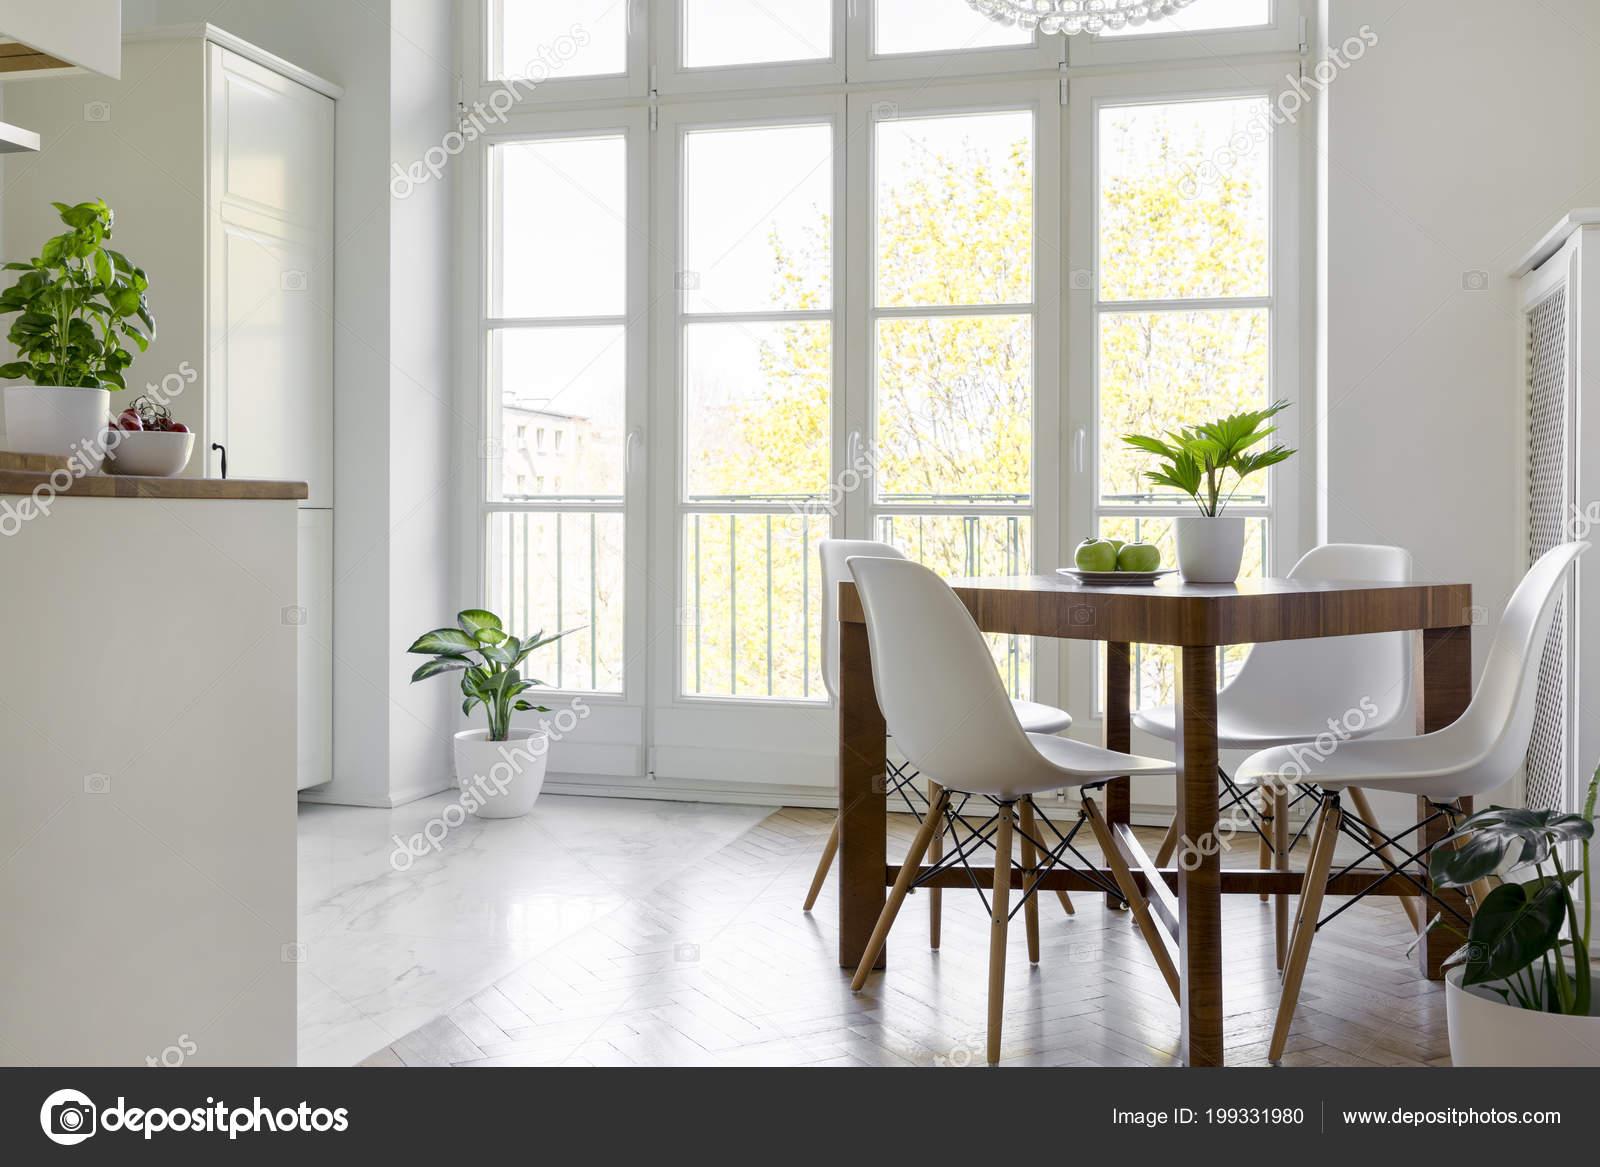 Chaises Blanches Table Bois Avec Des Plantes Interieur Salle Manger